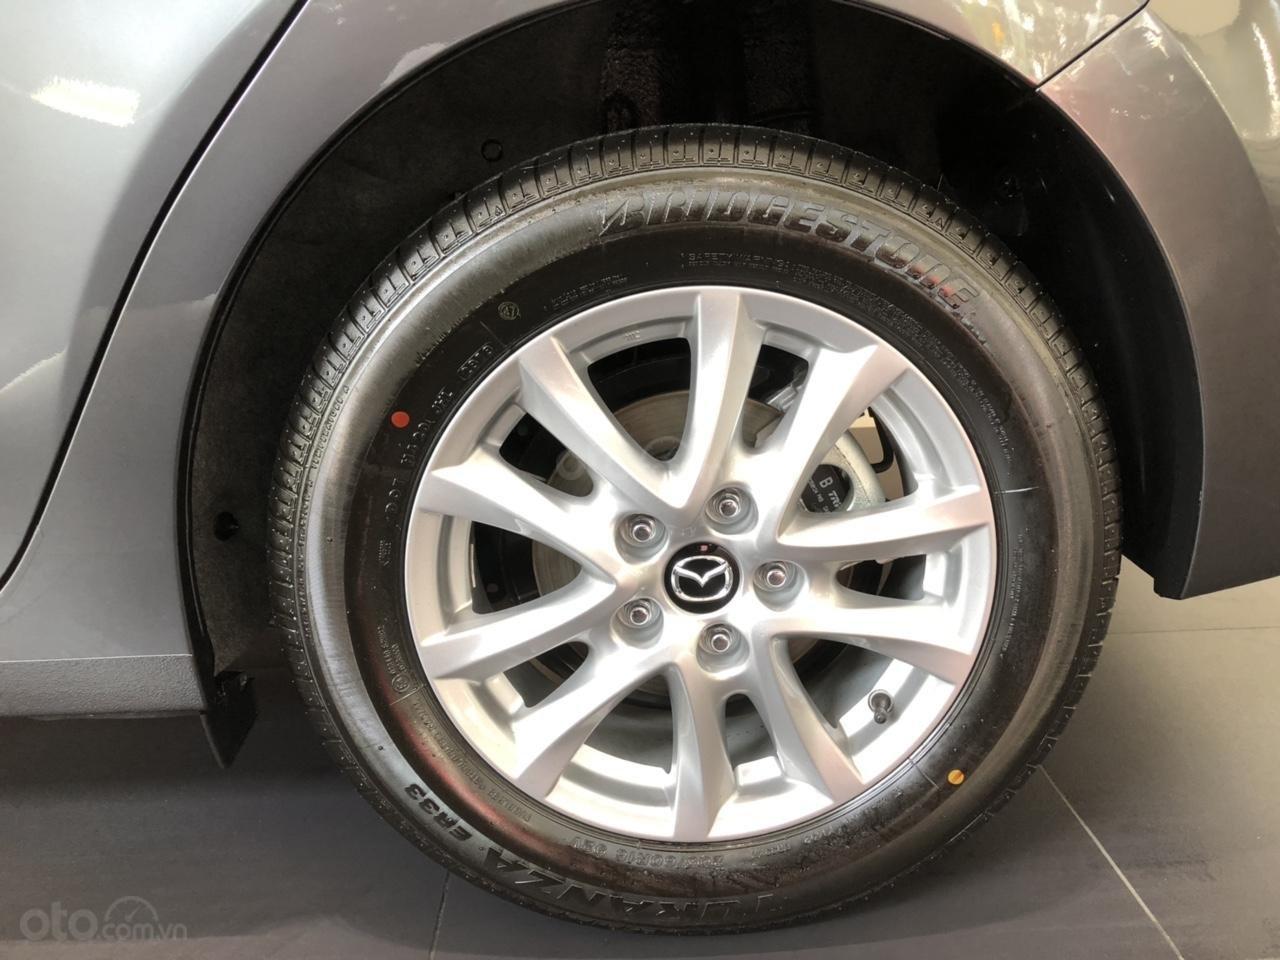 Bán Mazda 3 tại CN Bình Triệu - Khai trương ưu đãi khủng, ưu đãi shock khi mua xe (9)